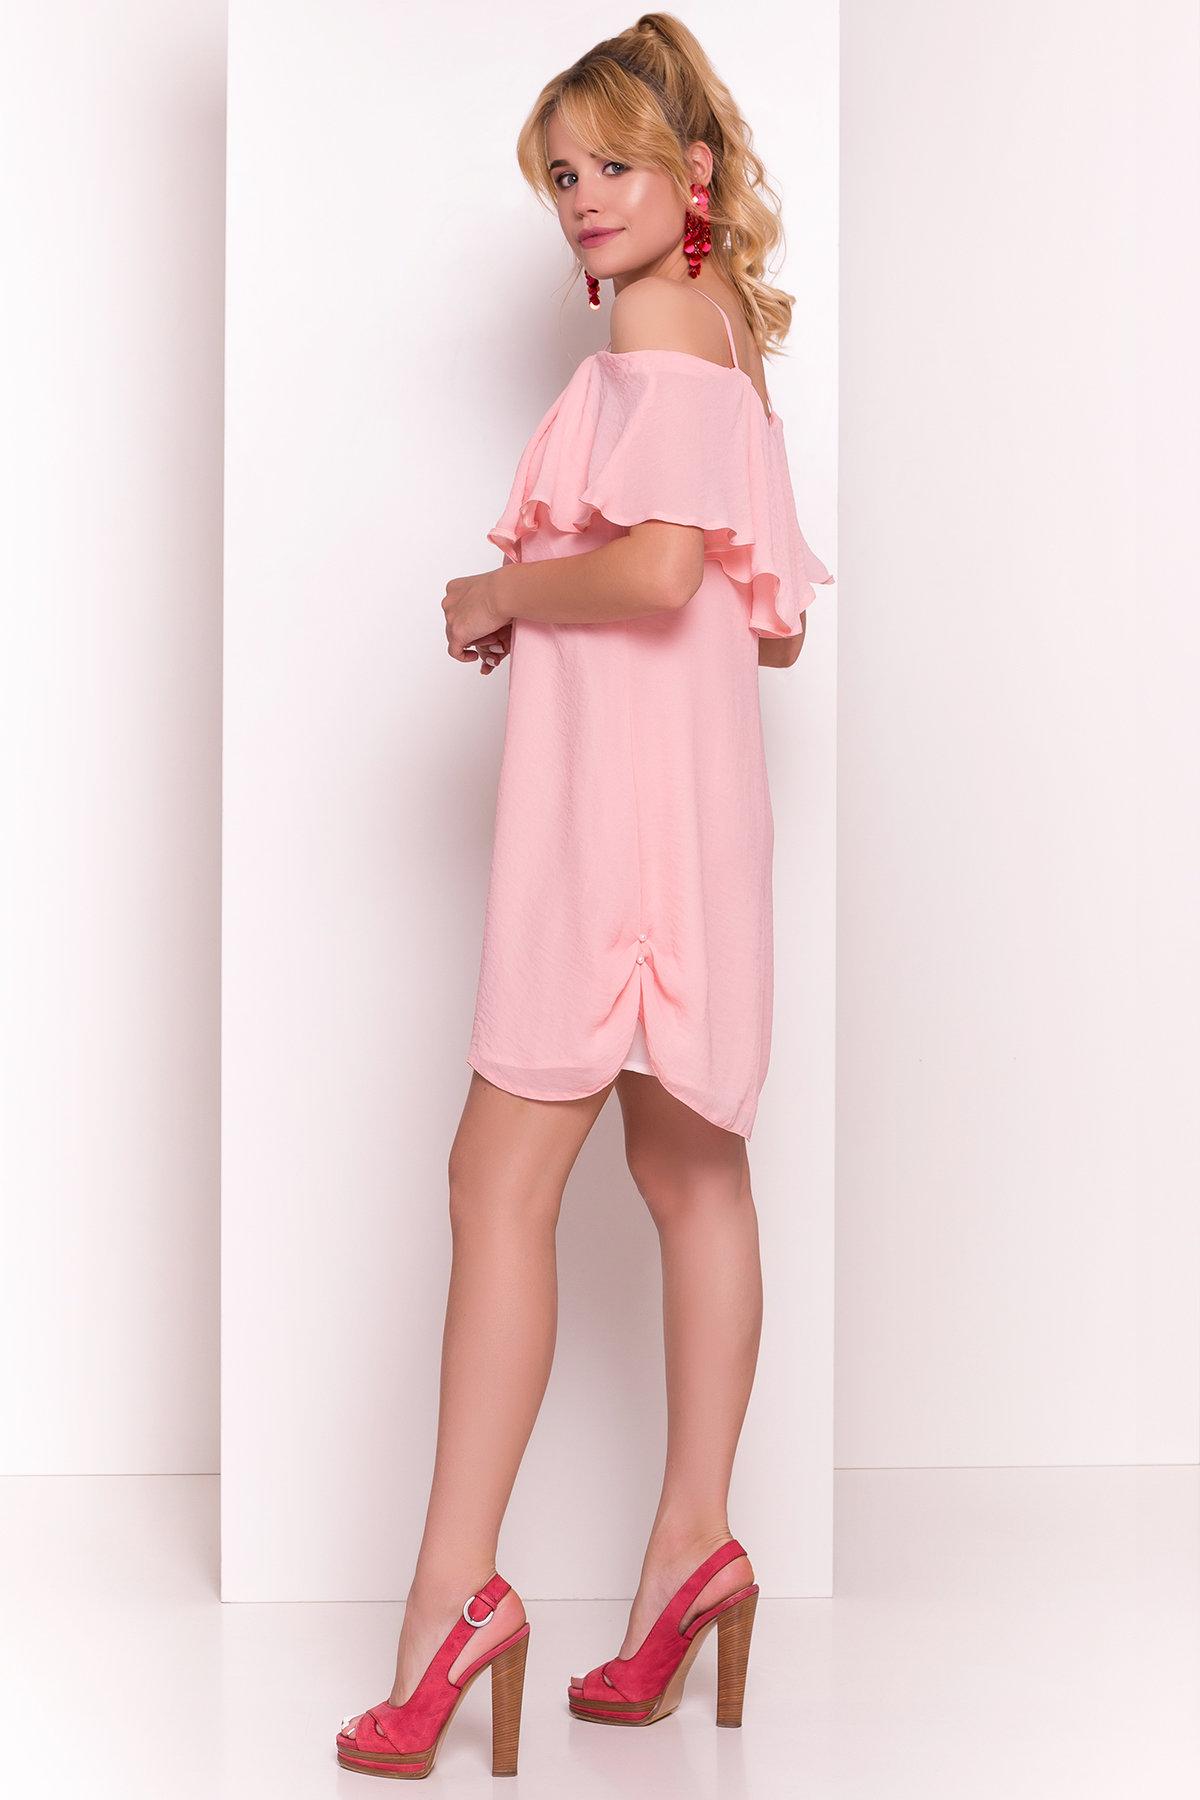 TW Платье Восток 5123 АРТ. 35976 Цвет: Розовый Темный - фото 3, интернет магазин tm-modus.ru